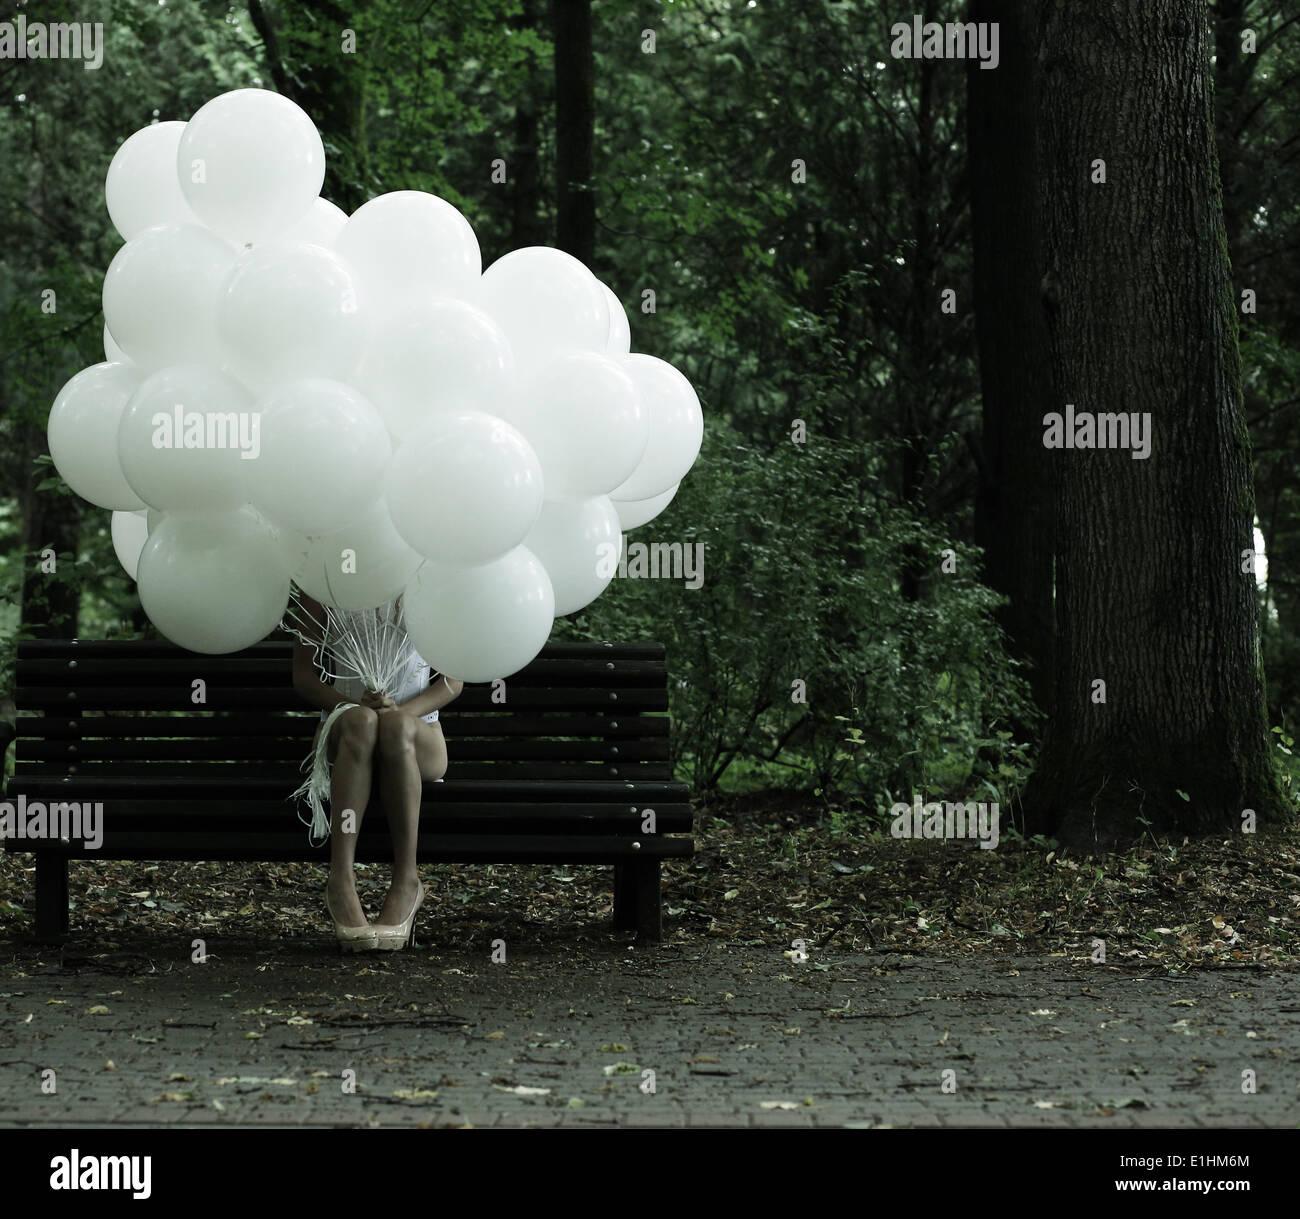 Sentimentalität. Nostalgie. Einsame Frau mit Luftballons auf Bank im Park sitzen Stockbild